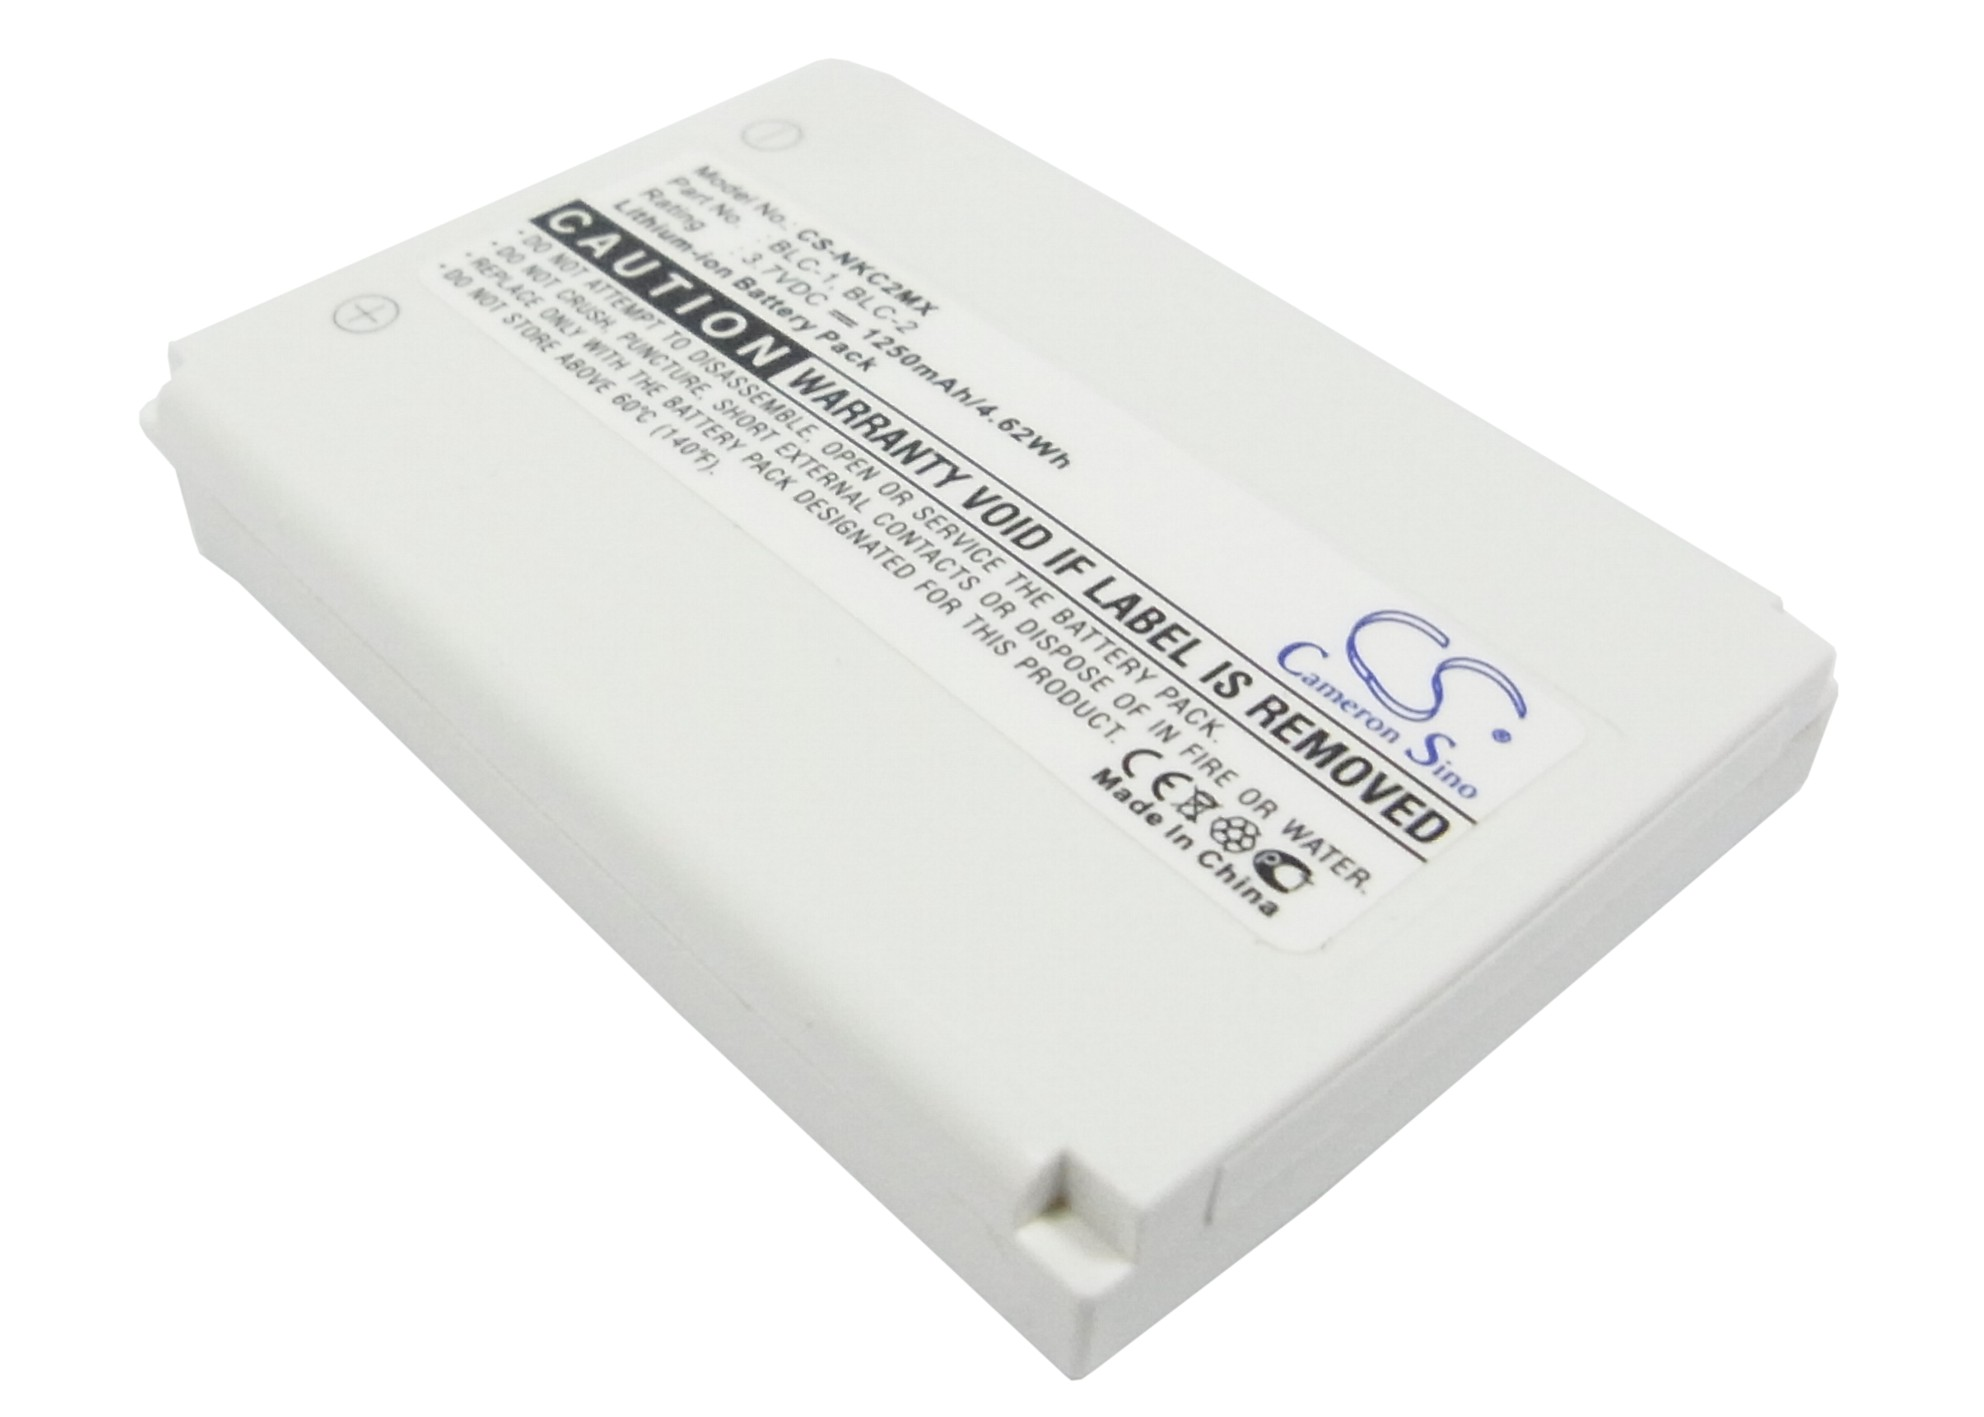 Cameron Sino baterie do mobilů pro NOKIA 3510 3.7V Li-ion 1250mAh bílá - neoriginální